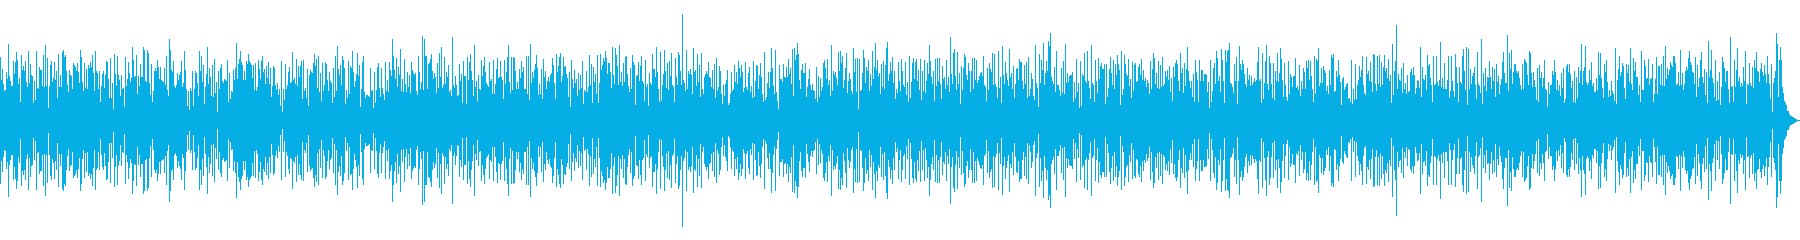 ヨーロッパ風な哀愁アコーディオンジャズの再生済みの波形